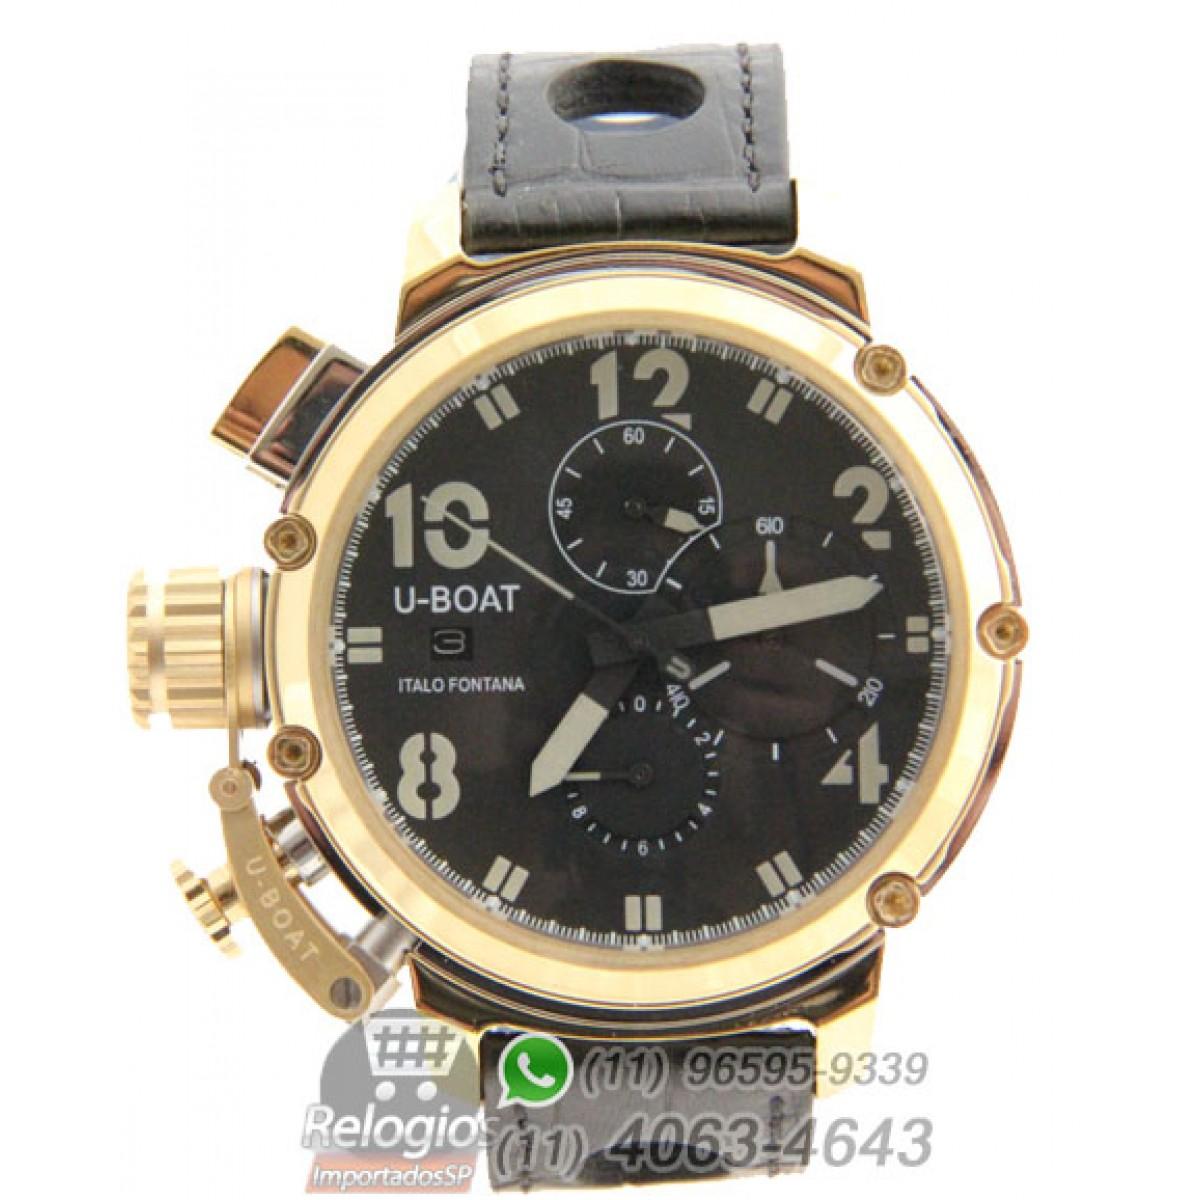 0ca1c114a73 Relógio Réplica U-boat Italo Fontana Dourado Black Limited Edition